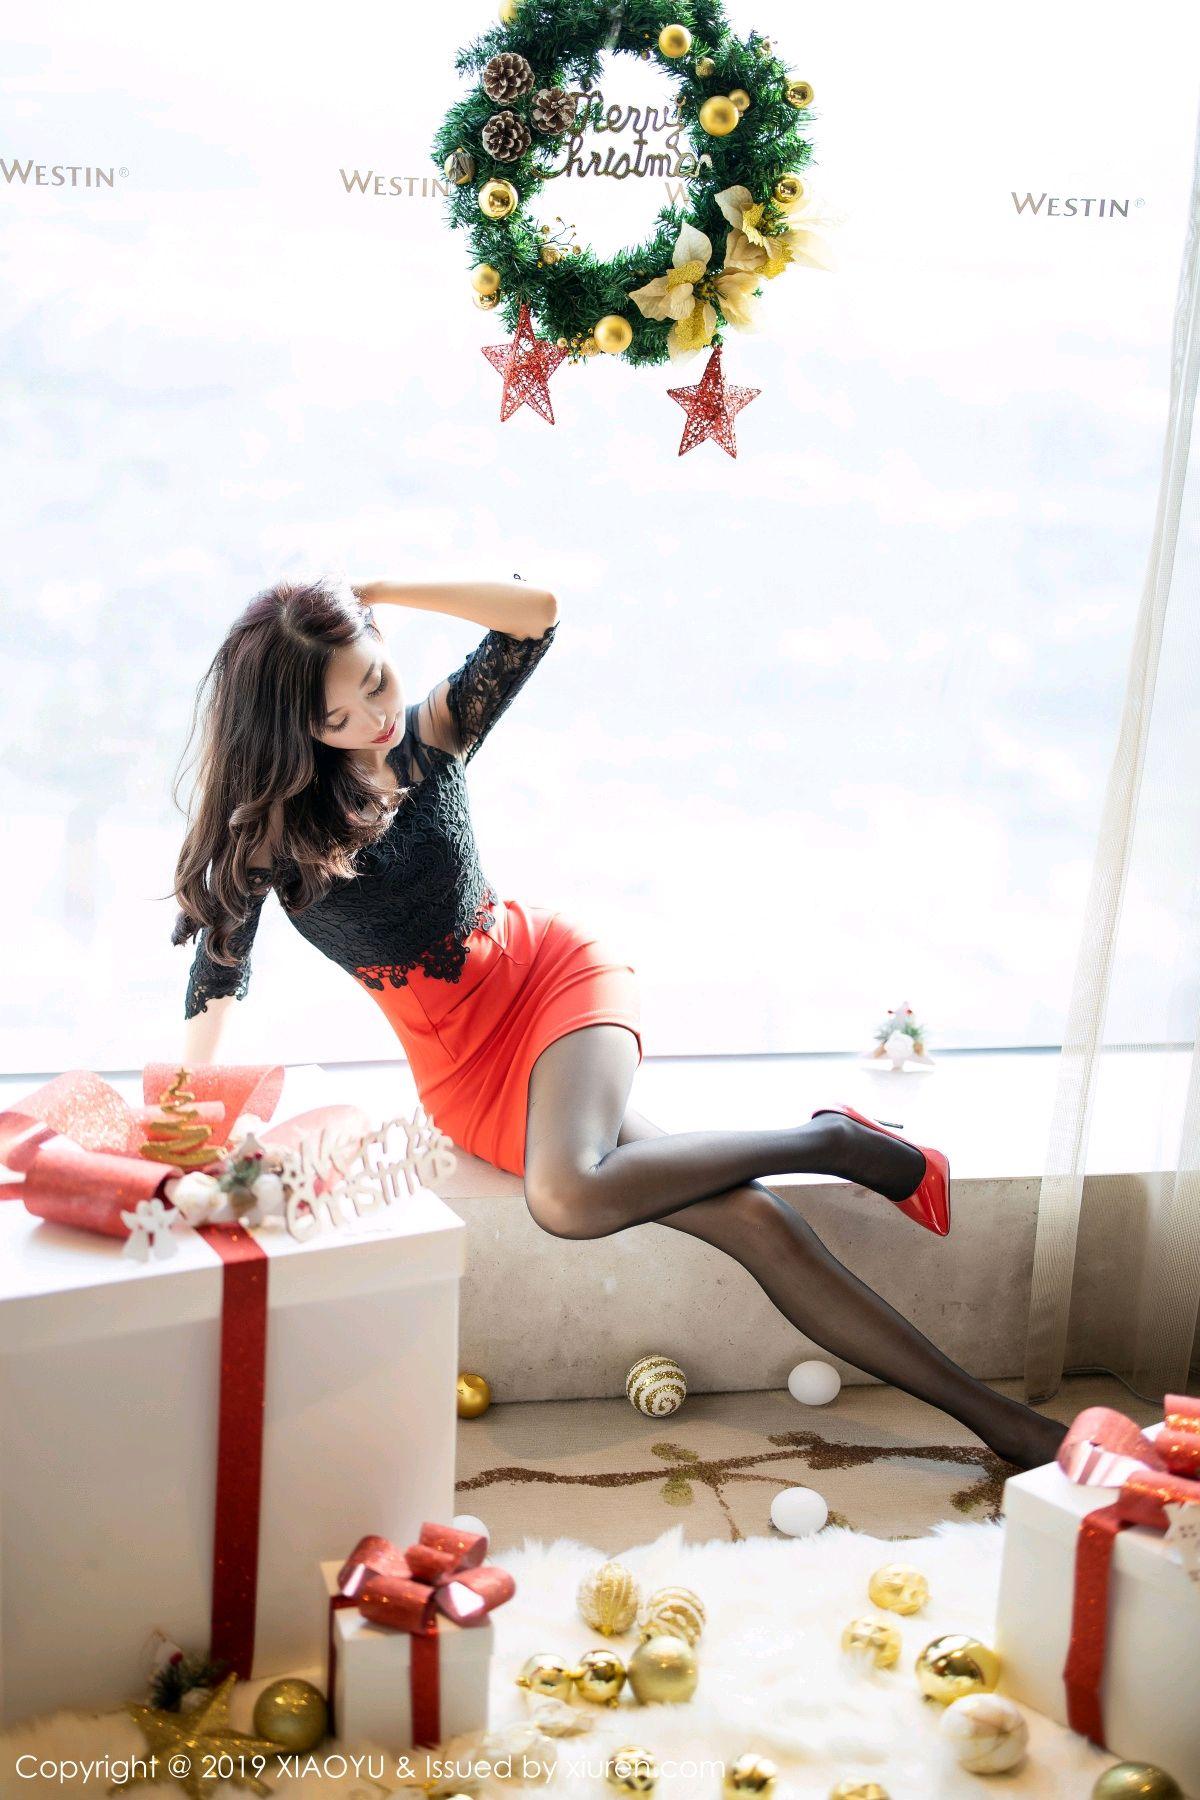 [XiaoYu] Vol.225 Yang Chen Chen 7P, Christmas, Underwear, XiaoYu, Yang Chen Chen